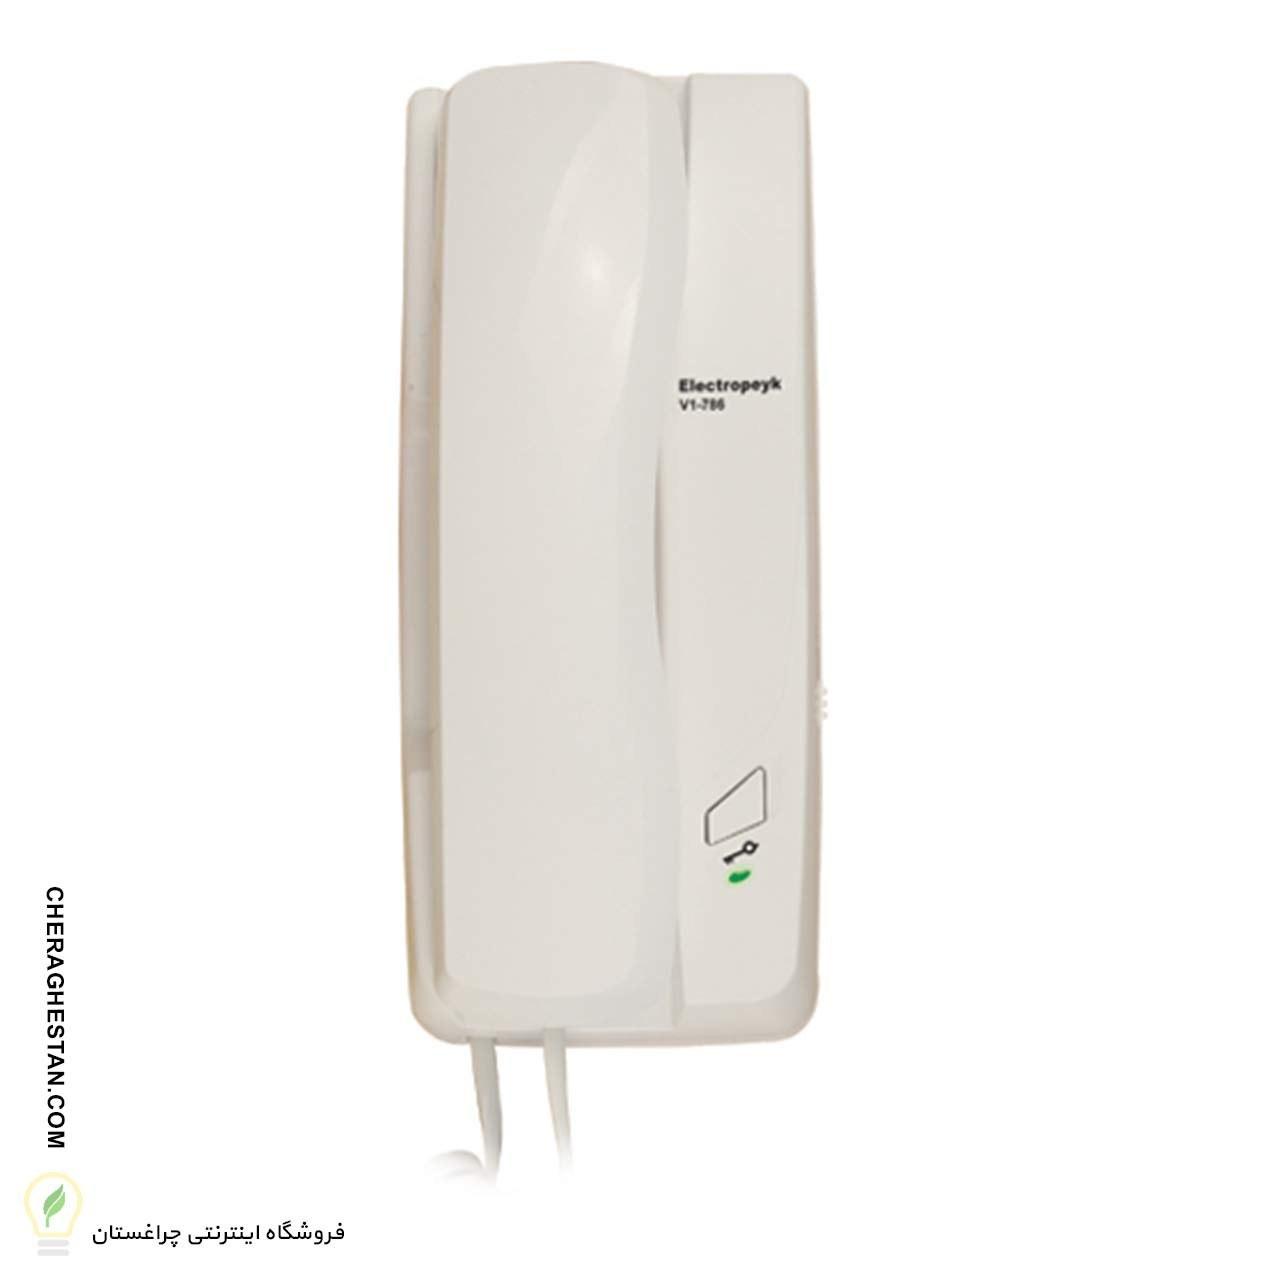 گوشی آیفون صوتی الکتروپیک مدل V2-678